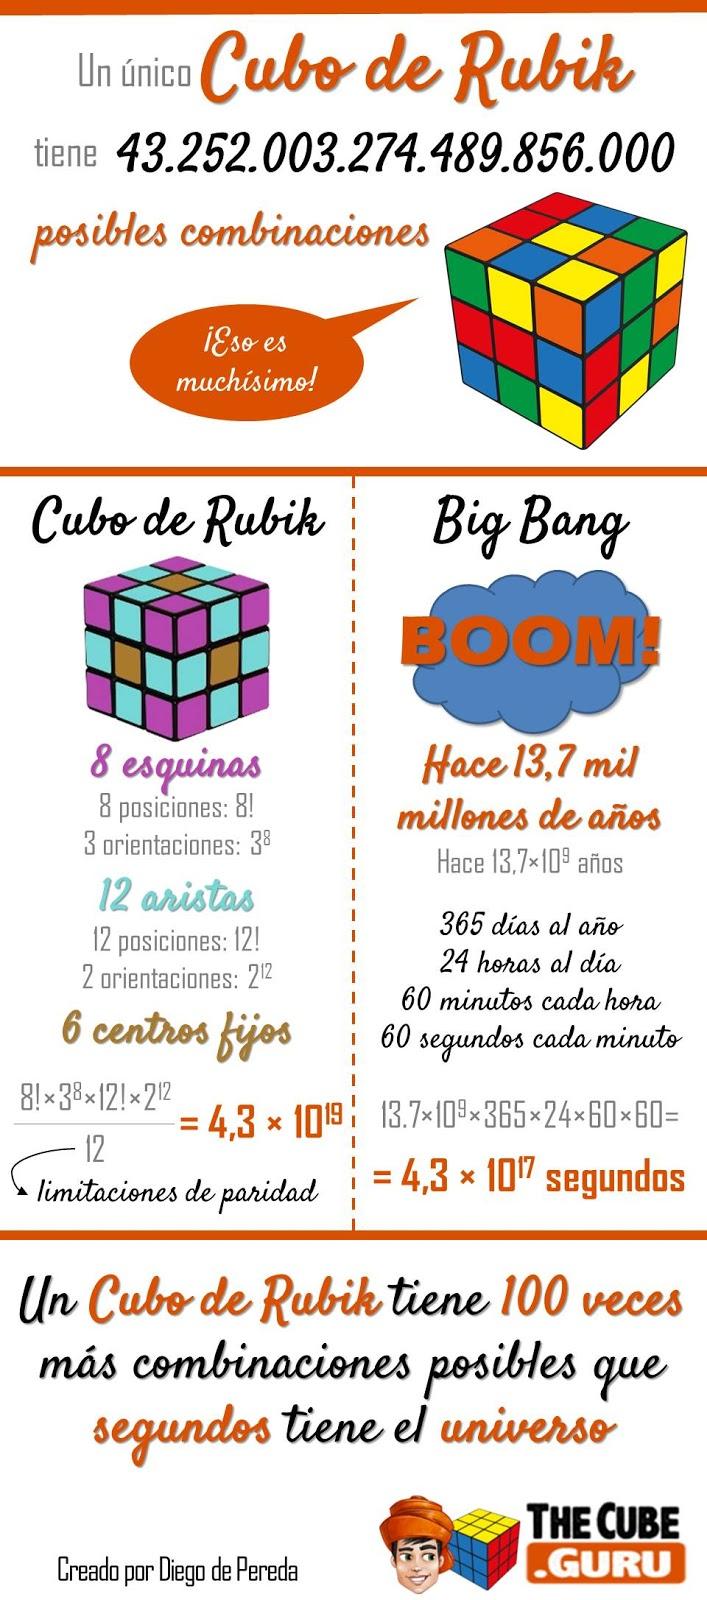 Combinaciones Cubo de Rubik Vs Segundos de vida de nuestro universo por Diego de Pereda